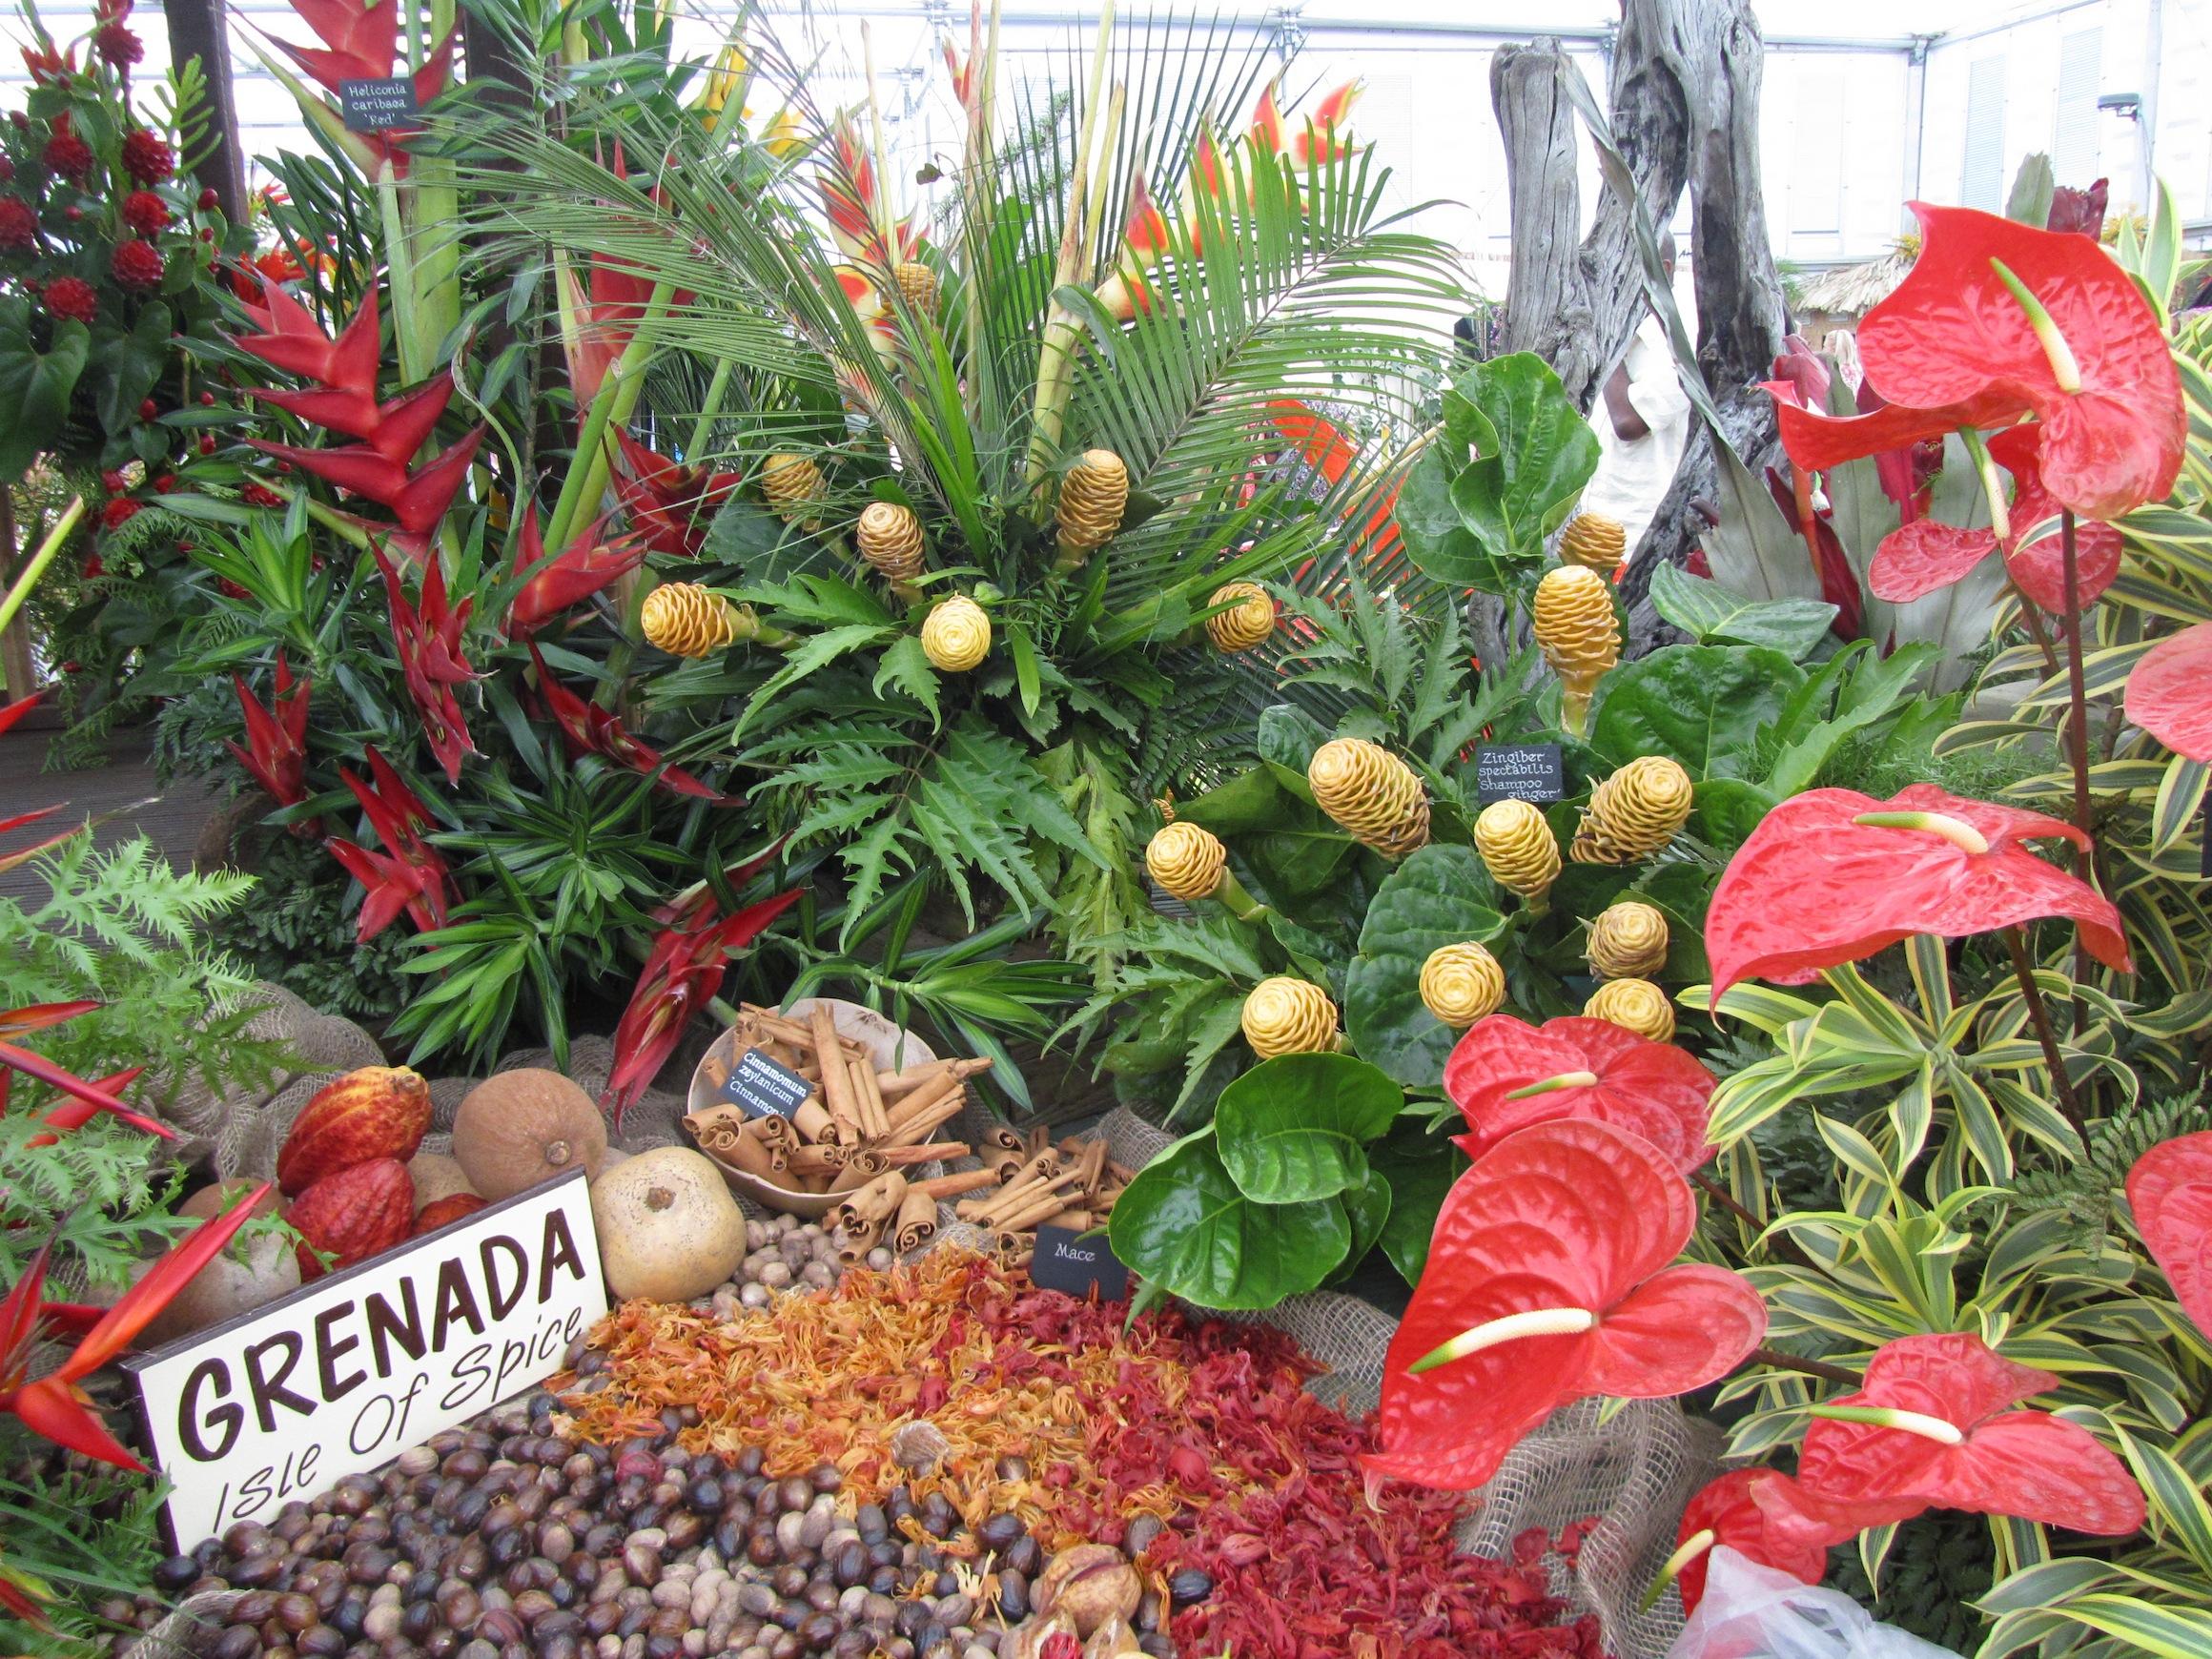 Grenada at Chelsea